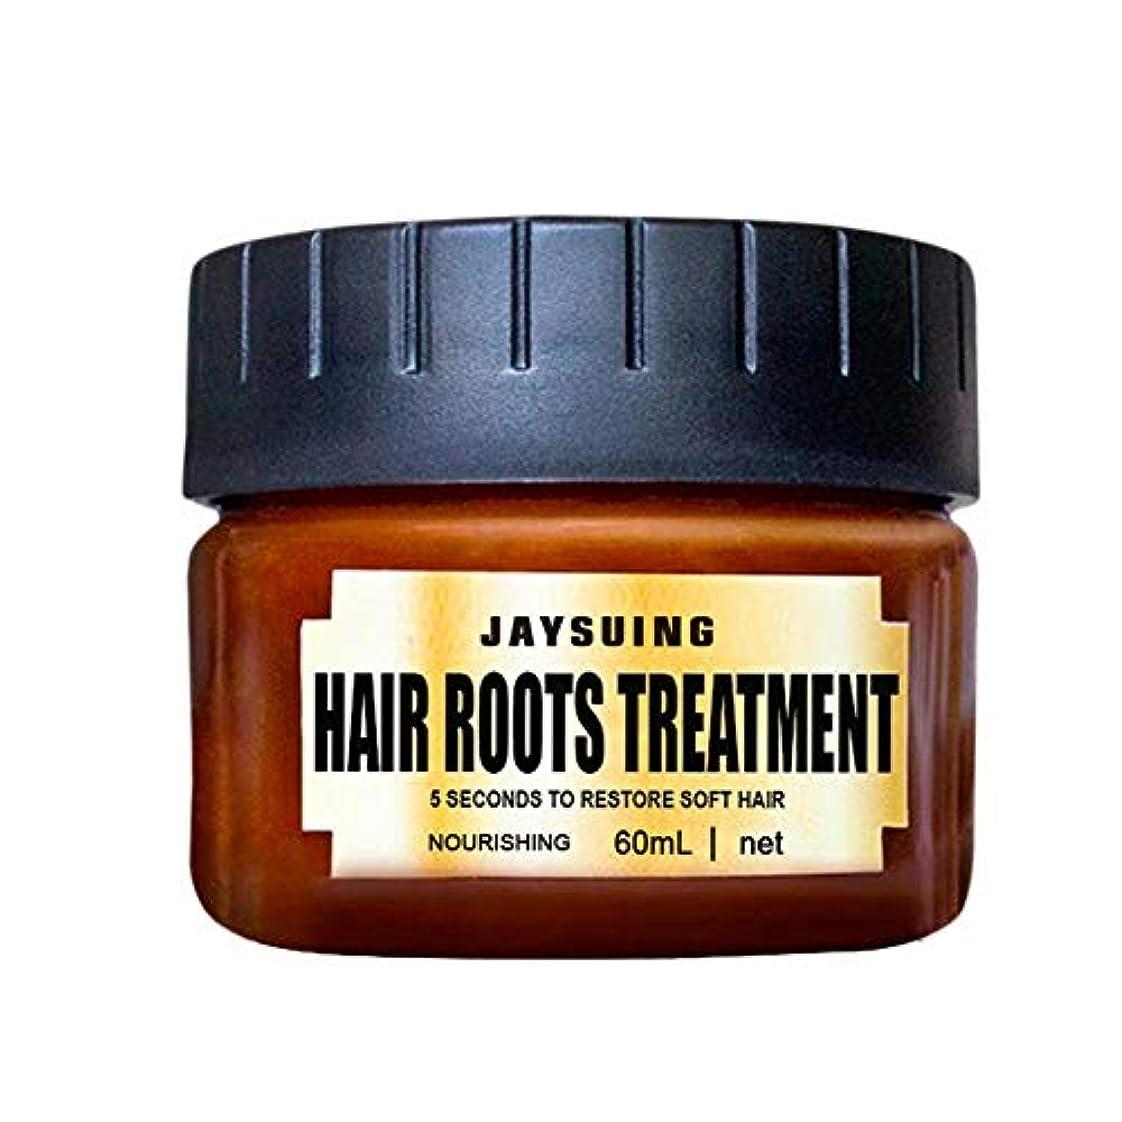 熱帯の失礼帝国ヘアマスク 浸透美容液 60ML ダメージディフェンス ヘアルーツヘ 乾燥 傷んだ髪